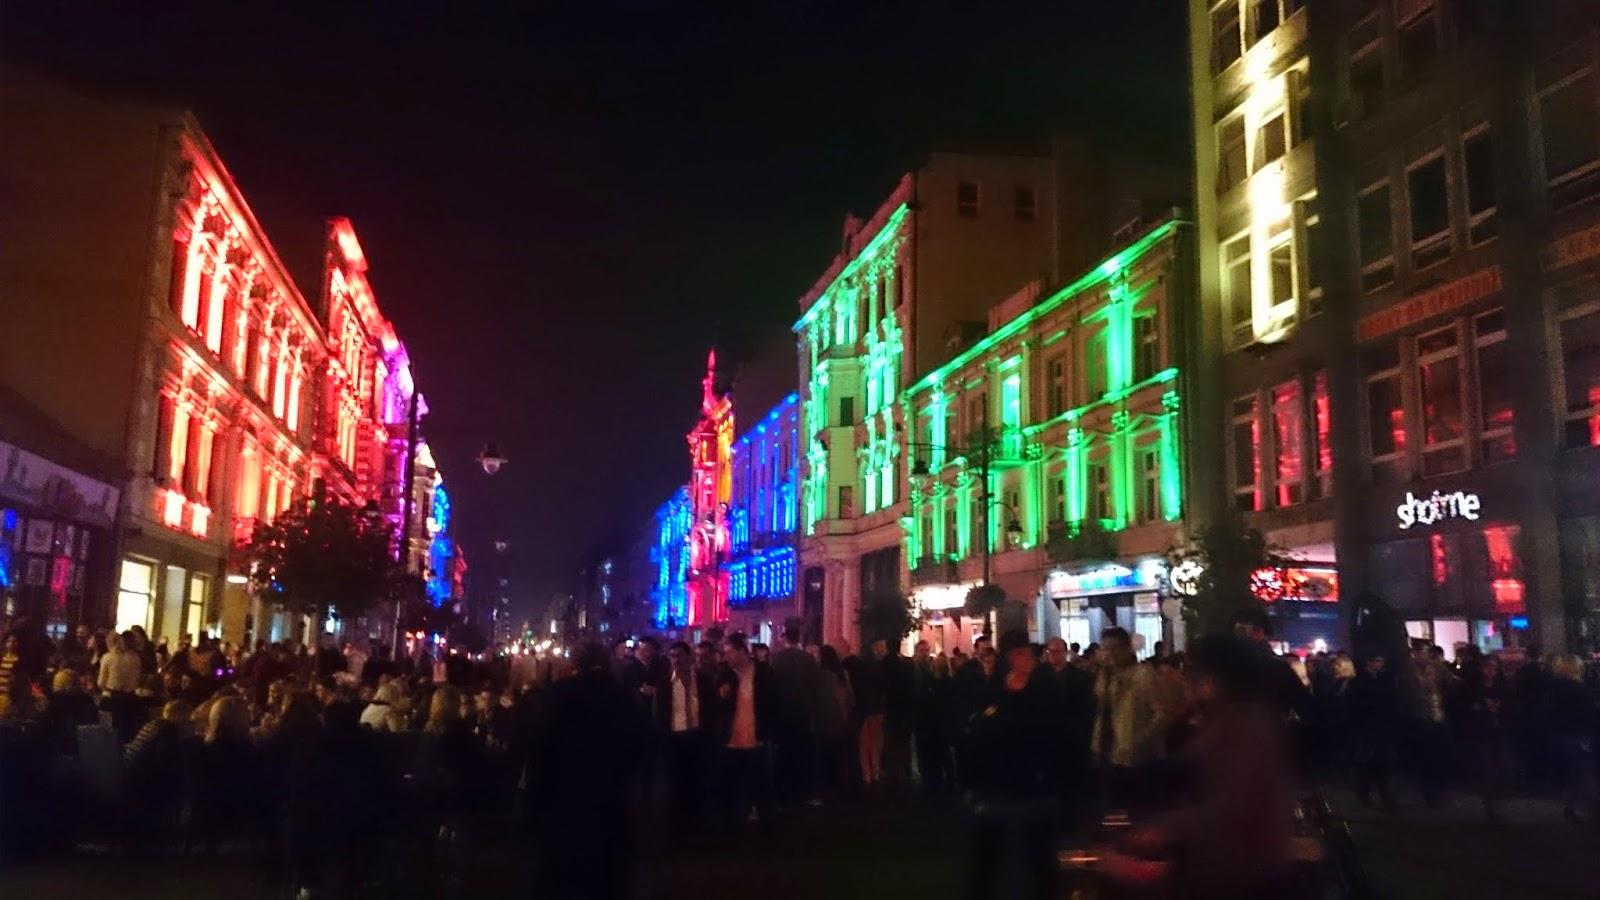 festiwal śwaiteł Łódź 2014,oświetlone budynki,design,ul.Piotrkowska w Łodzi